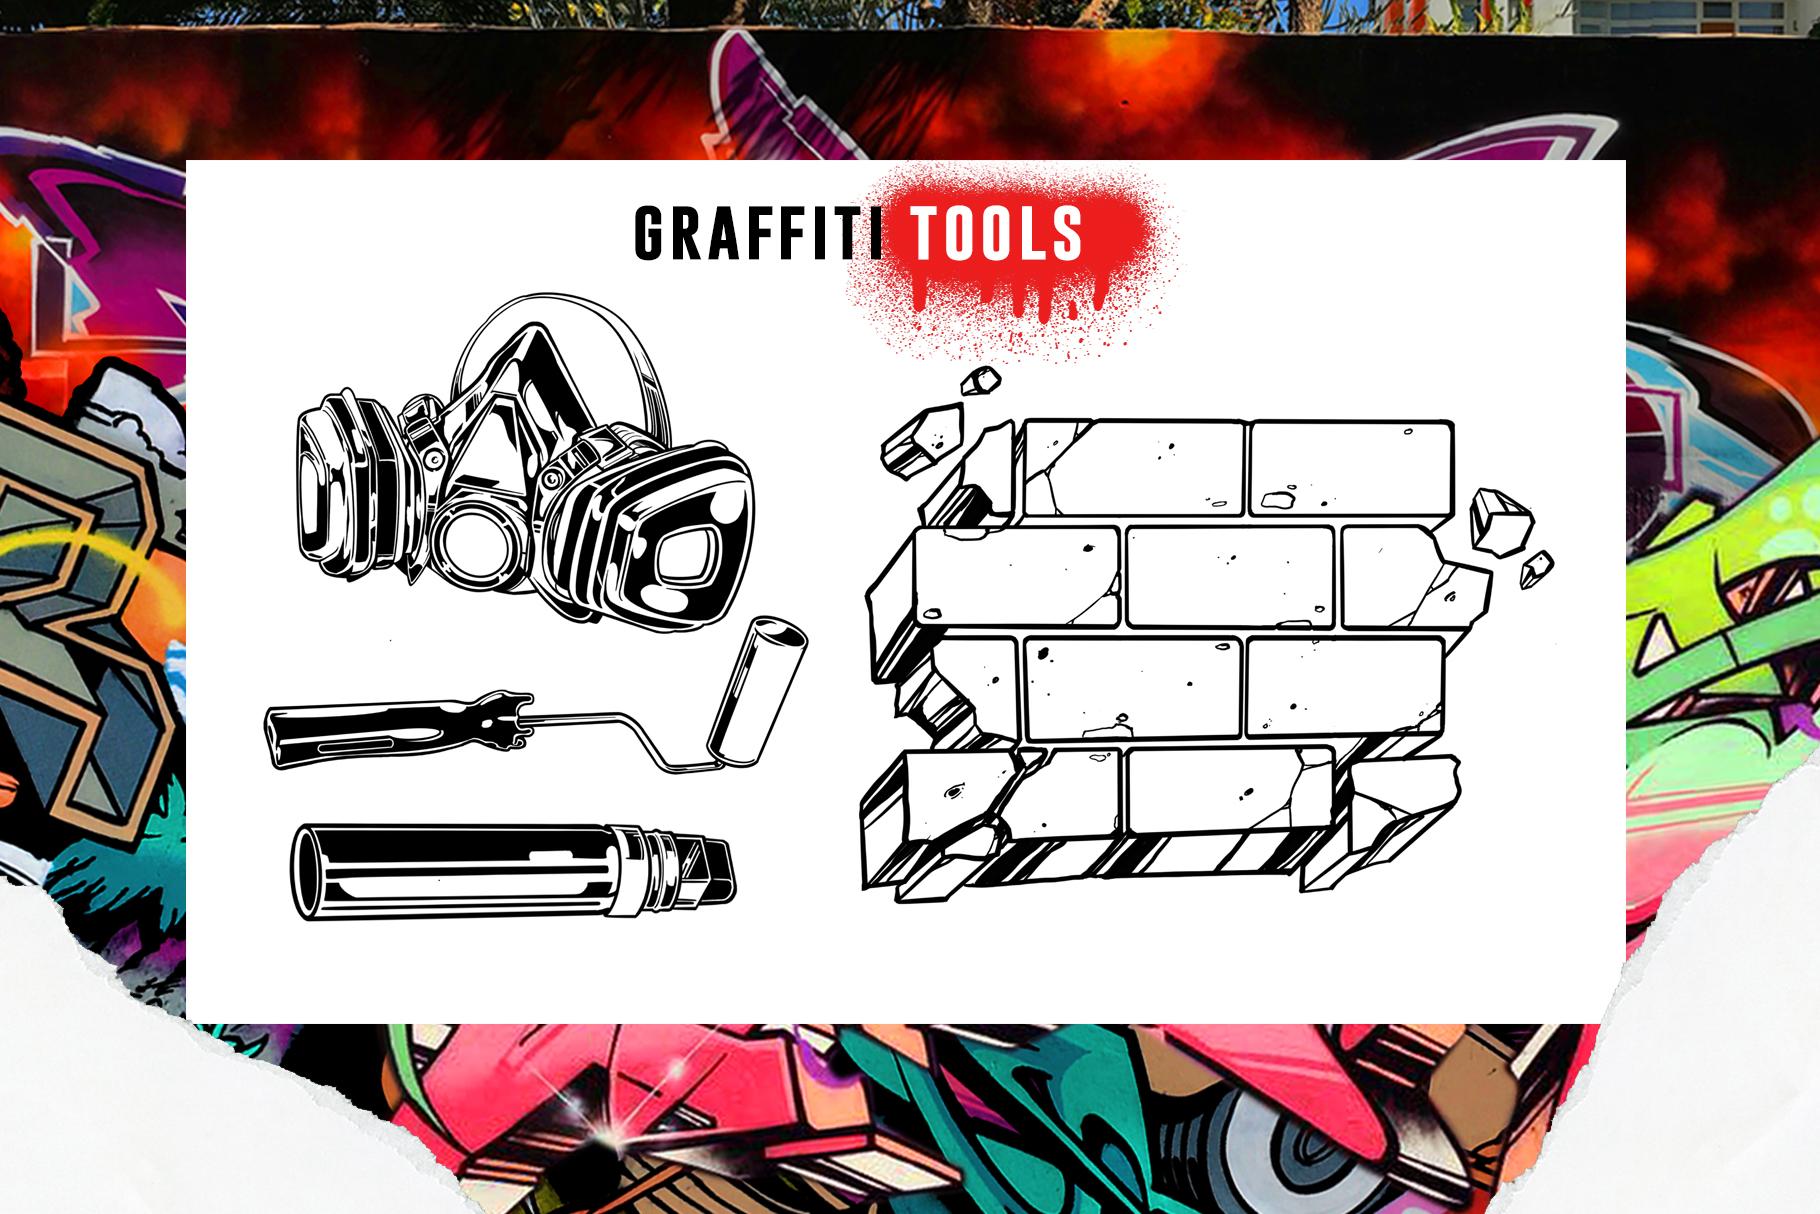 31款涂鸦效果Procreate笔刷下载 Graffiti Bombing Procreate Brush Kit插图(4)